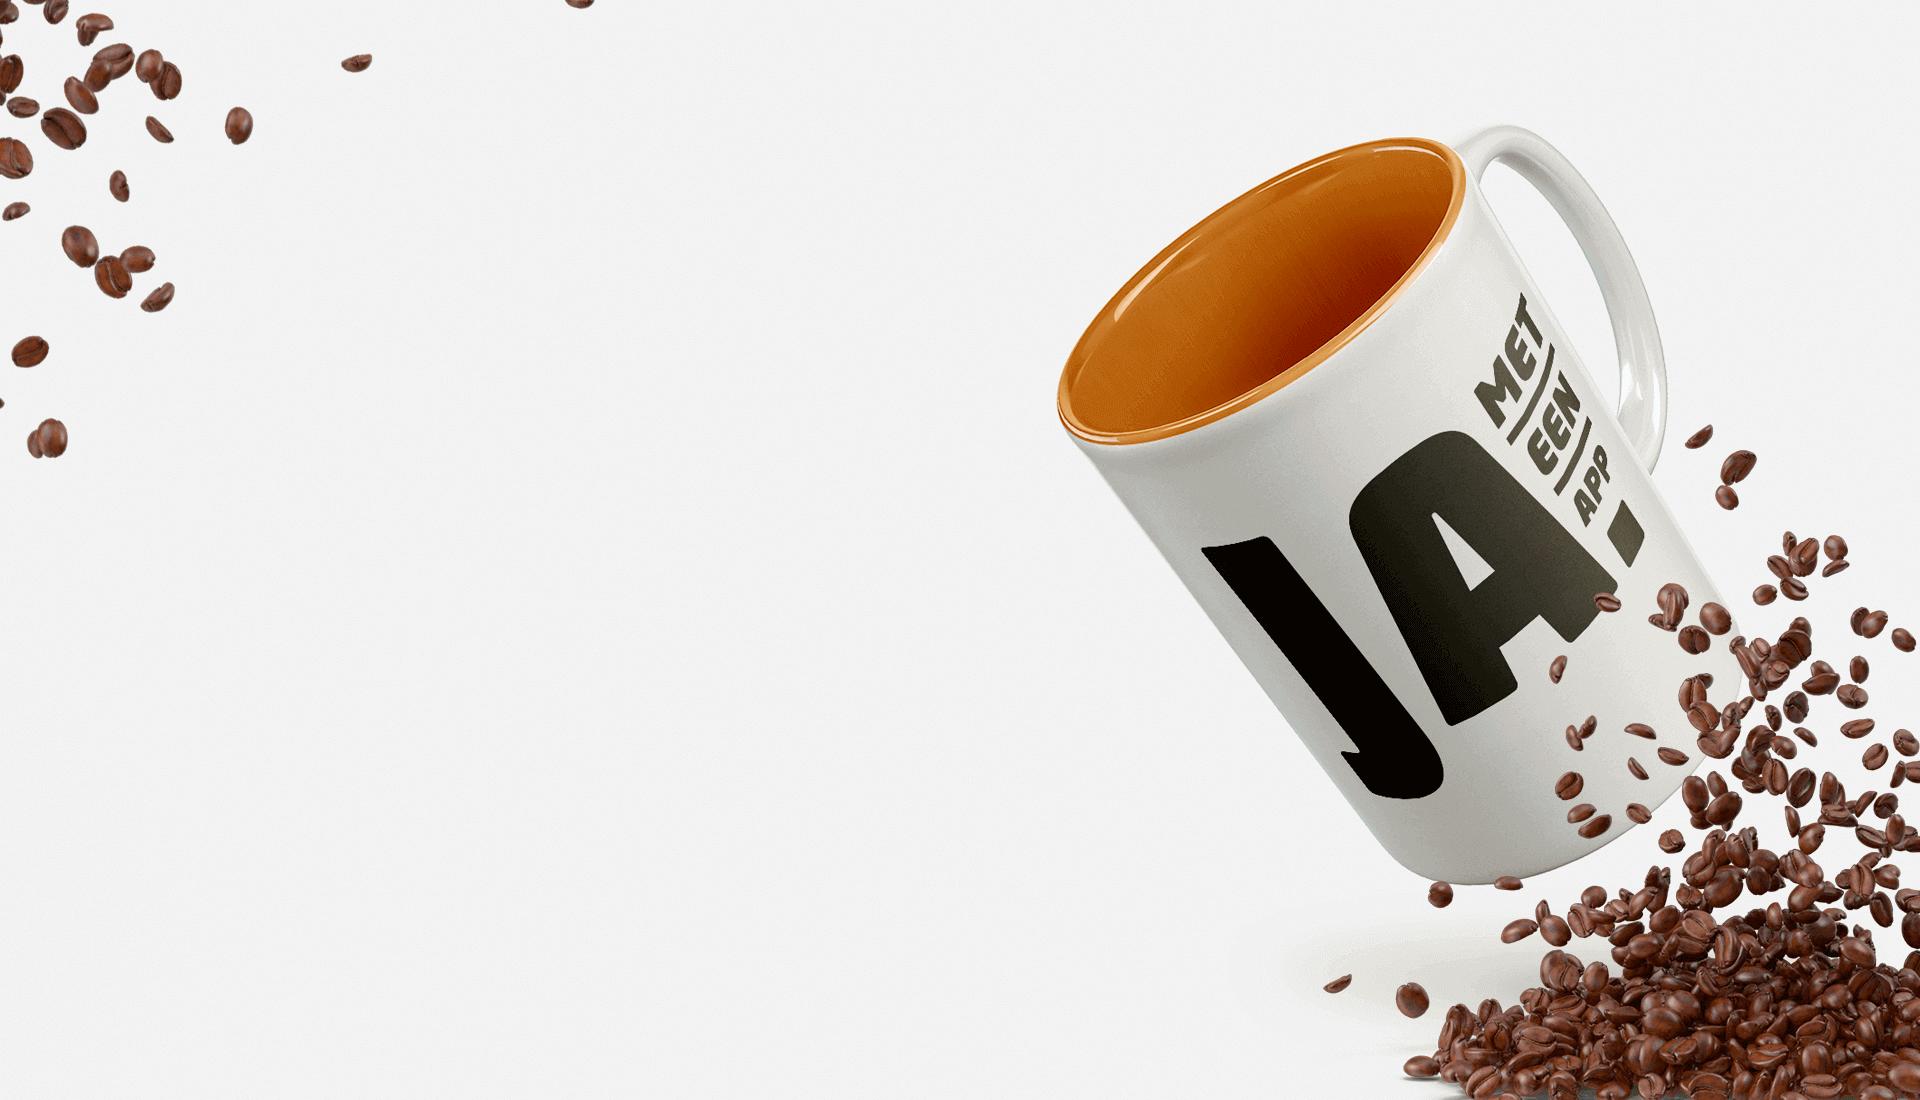 Wij bestellen koffie <br>met een <strong>app</strong>.<br> En jij?